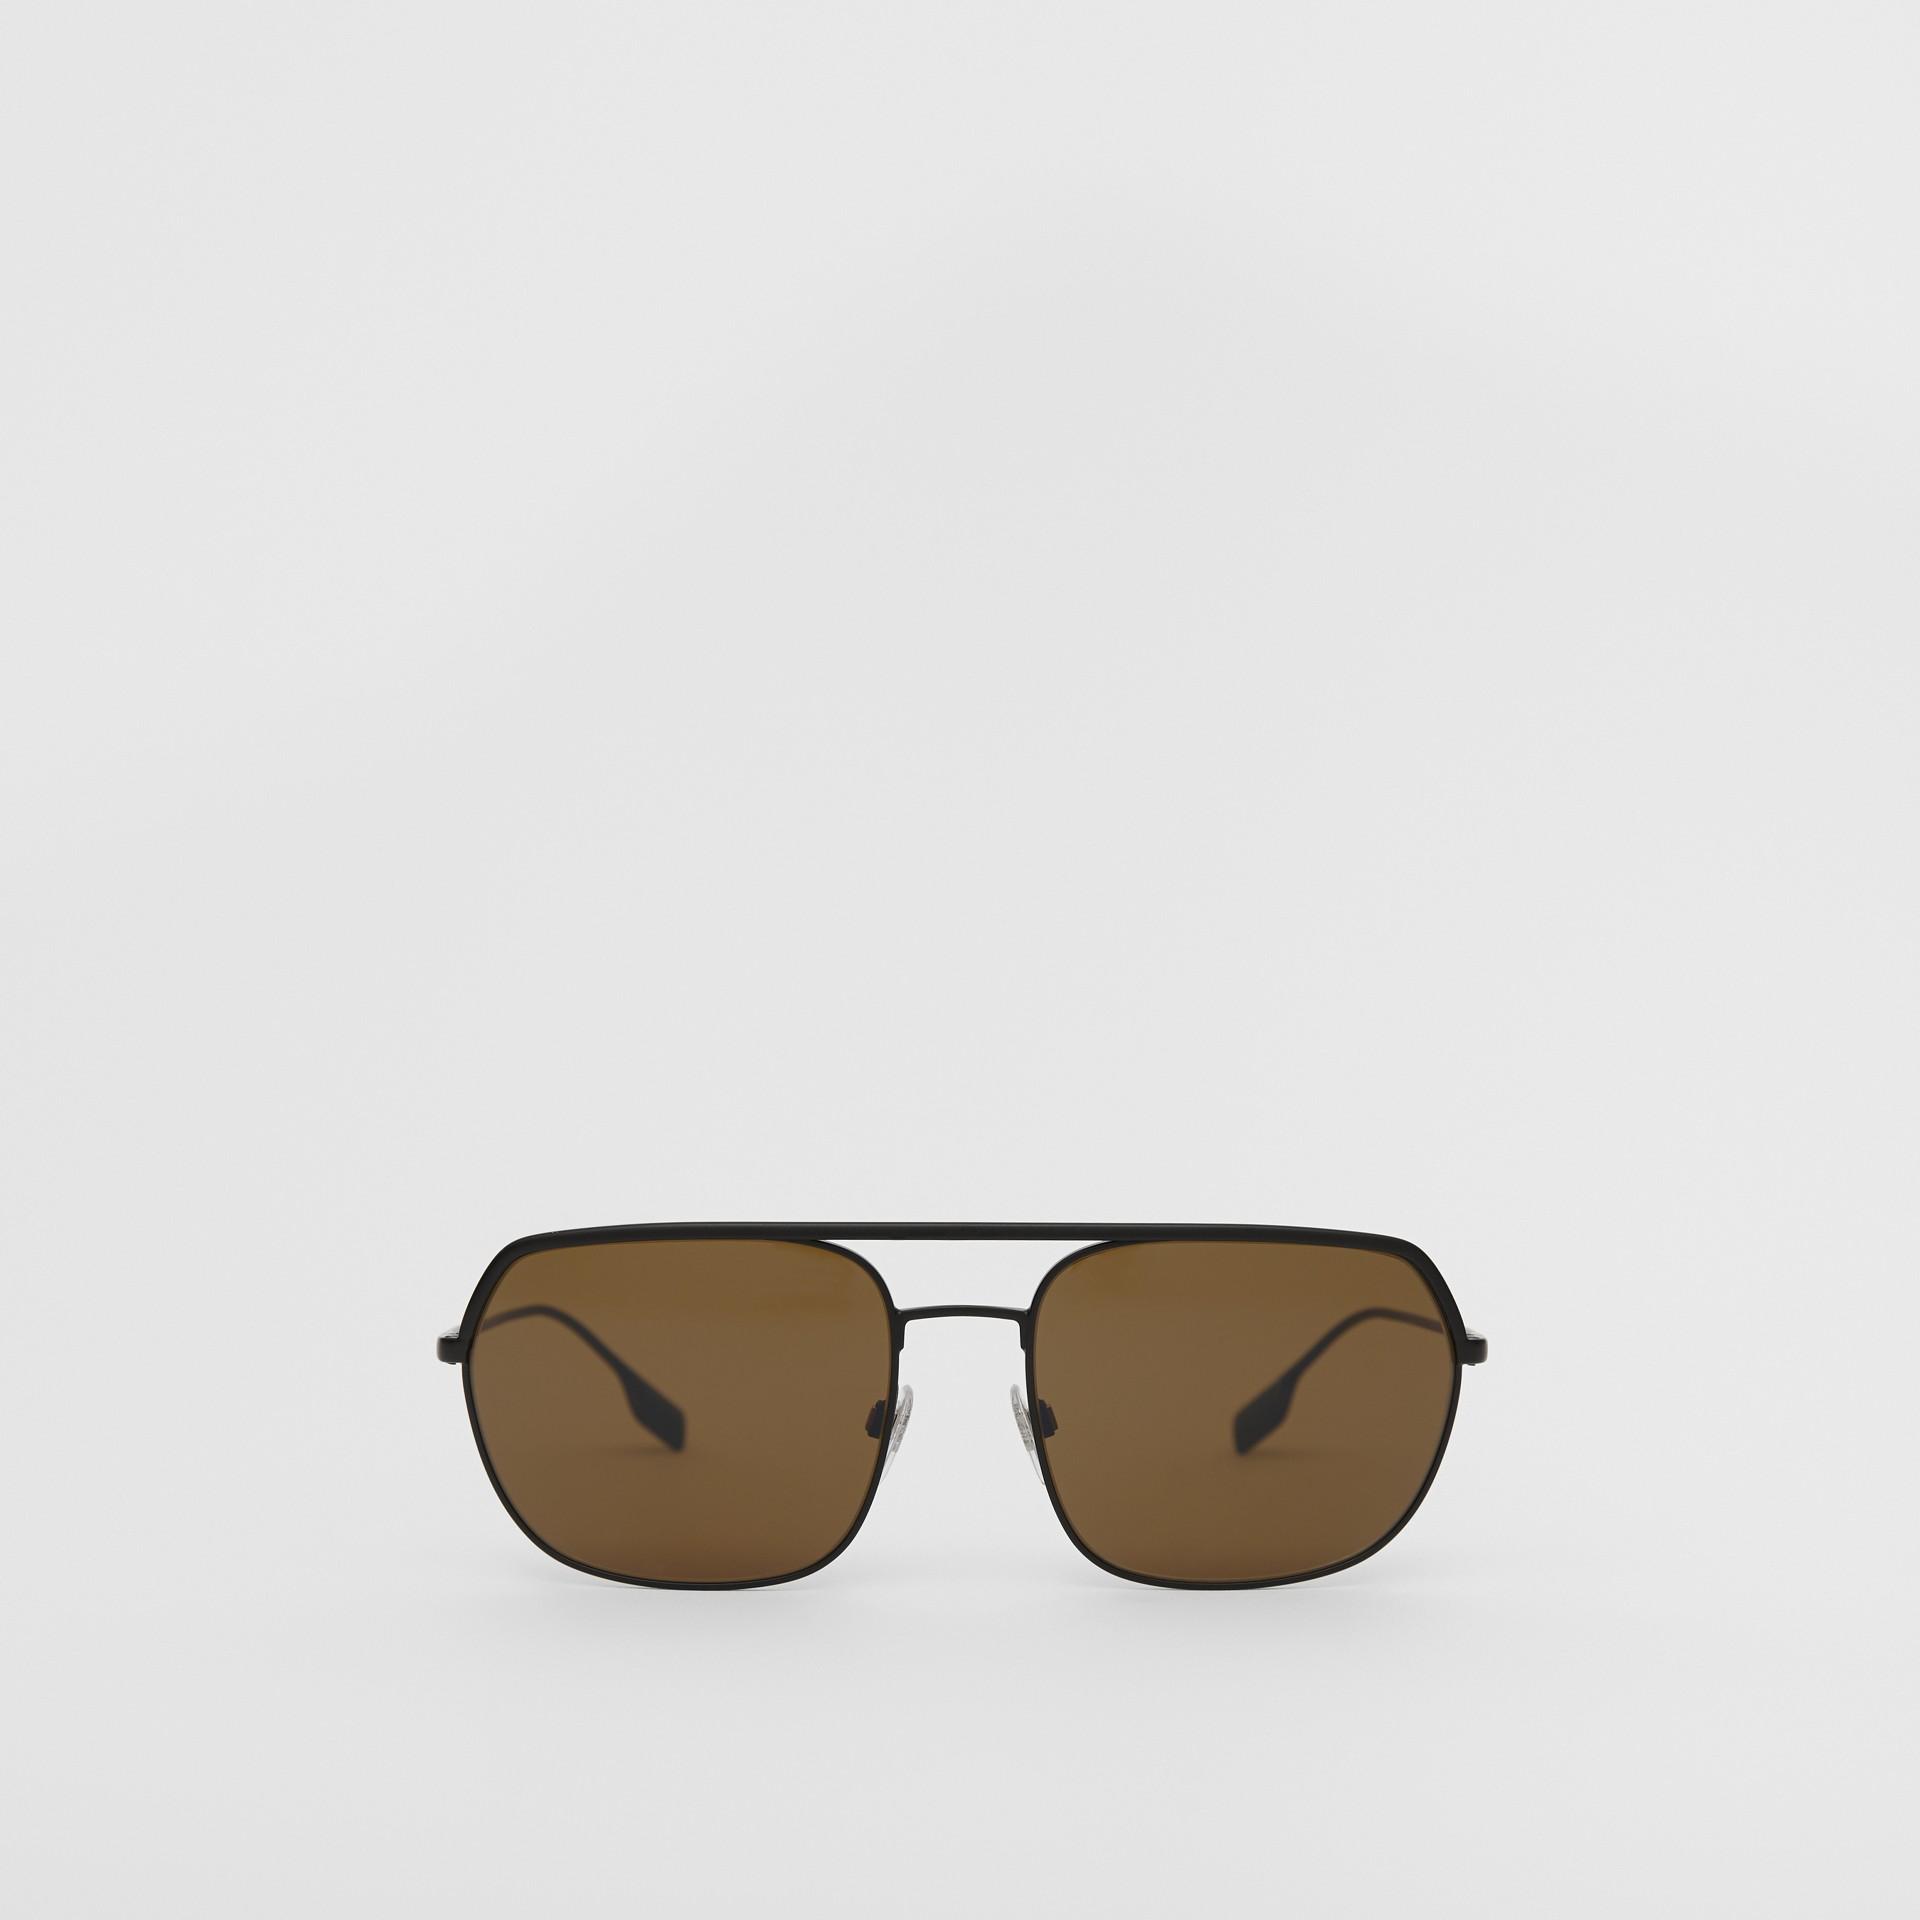 Óculos de sol com armação aviador quadrada - Homens | Burberry - galeria de imagens 0